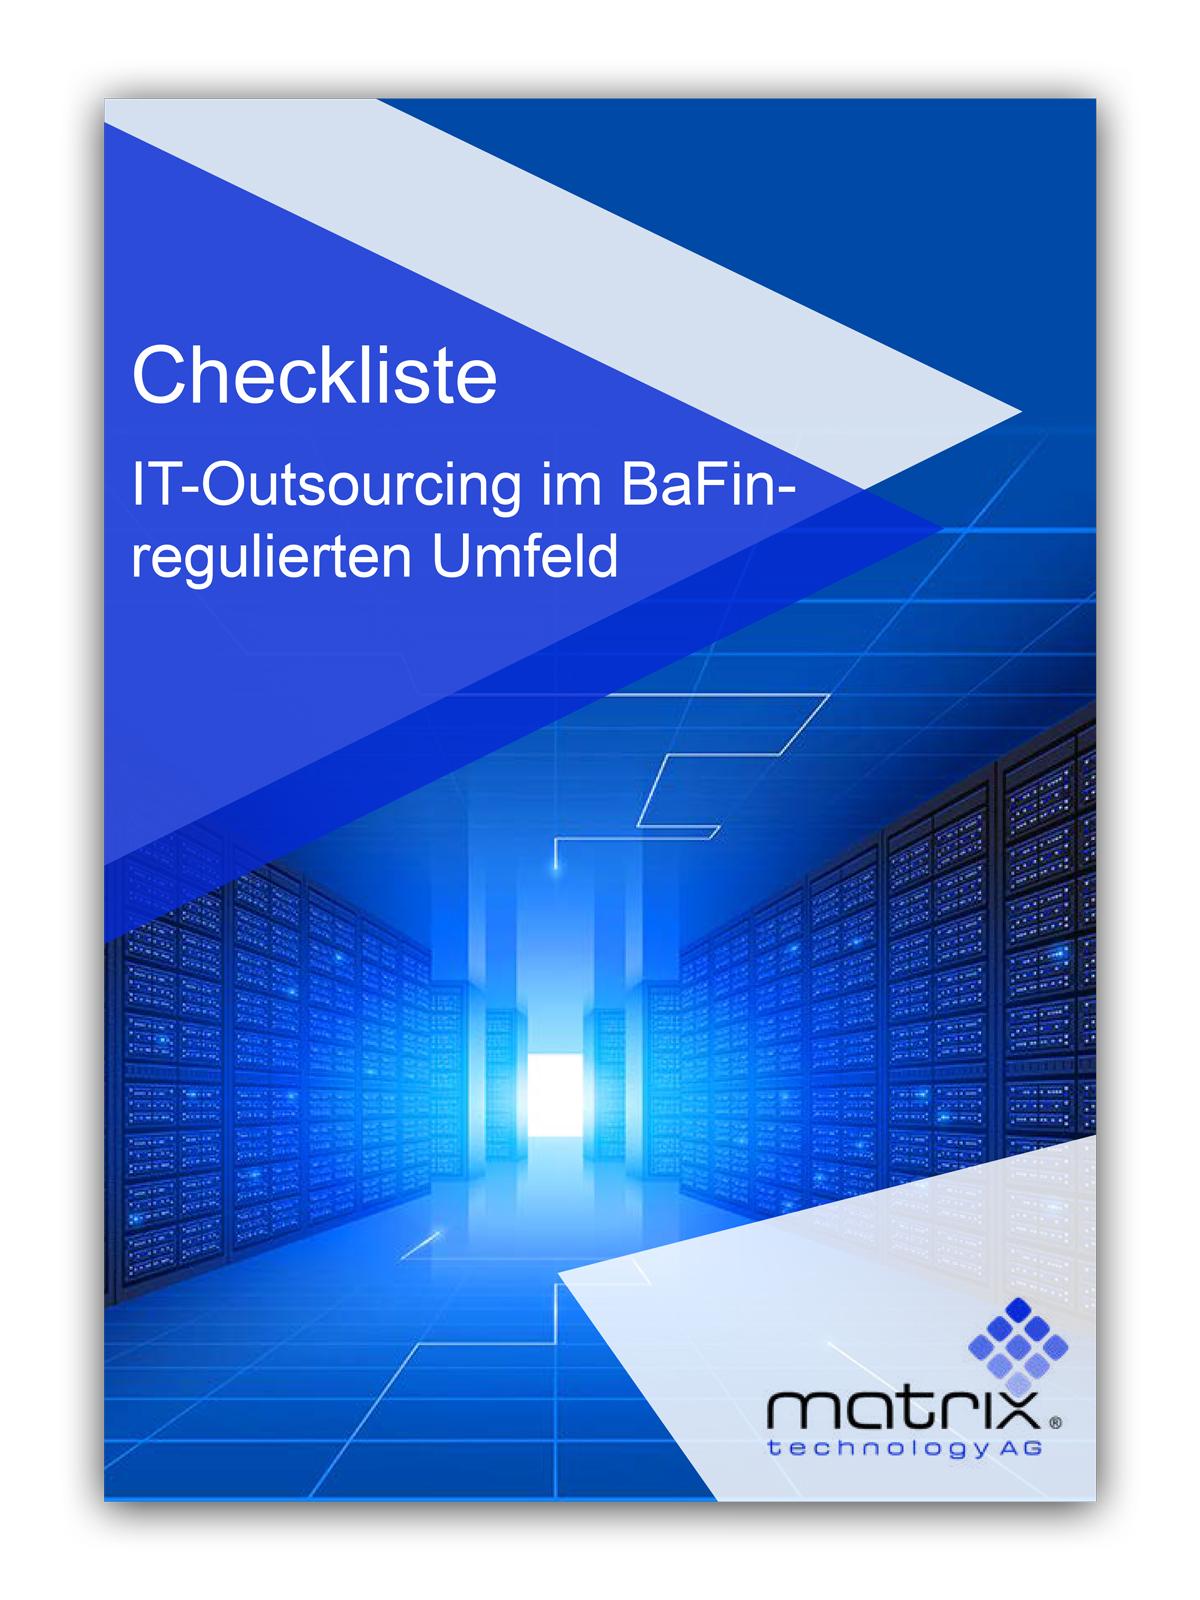 Checkliste_IT-Outsourcing-im-BaFin-regulierten-Umfeld-Deckblatt_größer